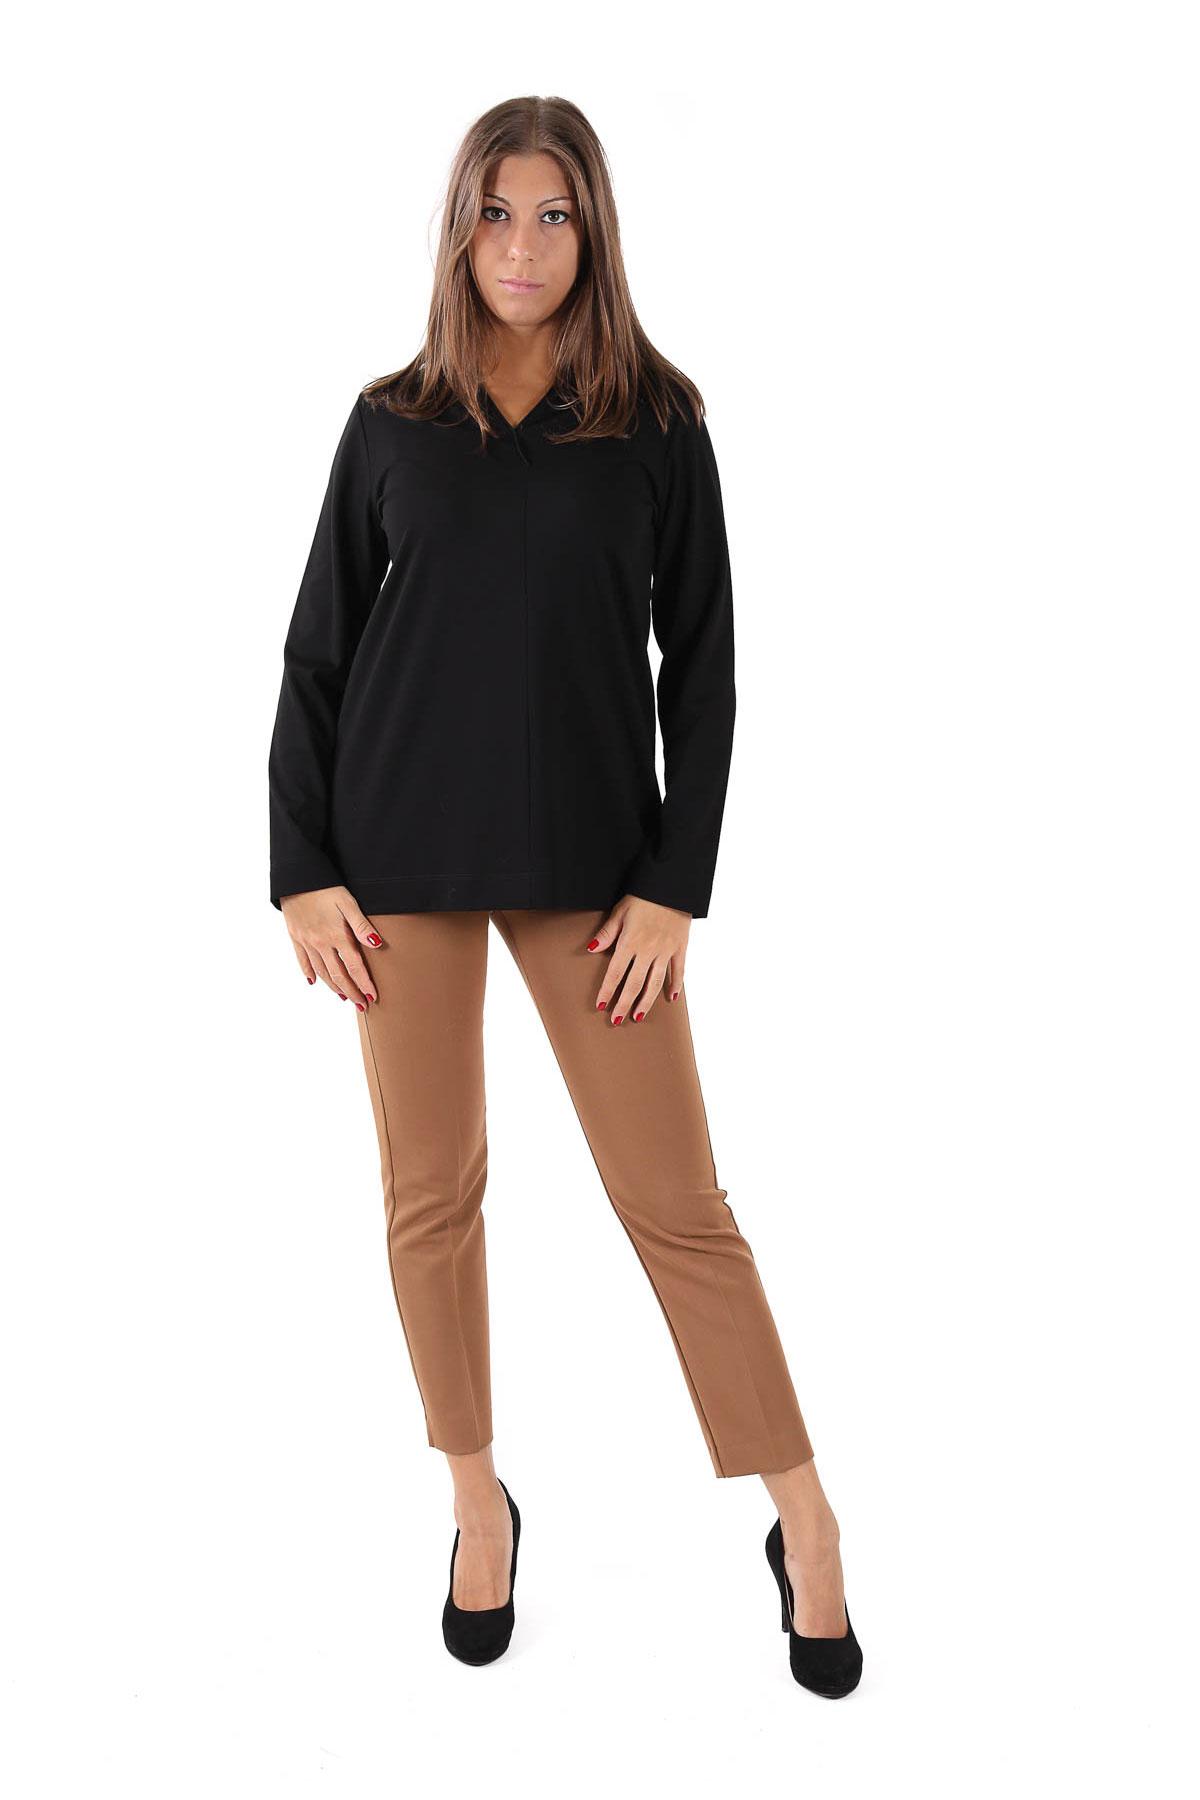 MAGLIA IN PUNTO MILANO CON SCOLLO A  V  da donna -  - Paquito Pronto Moda Shop Online